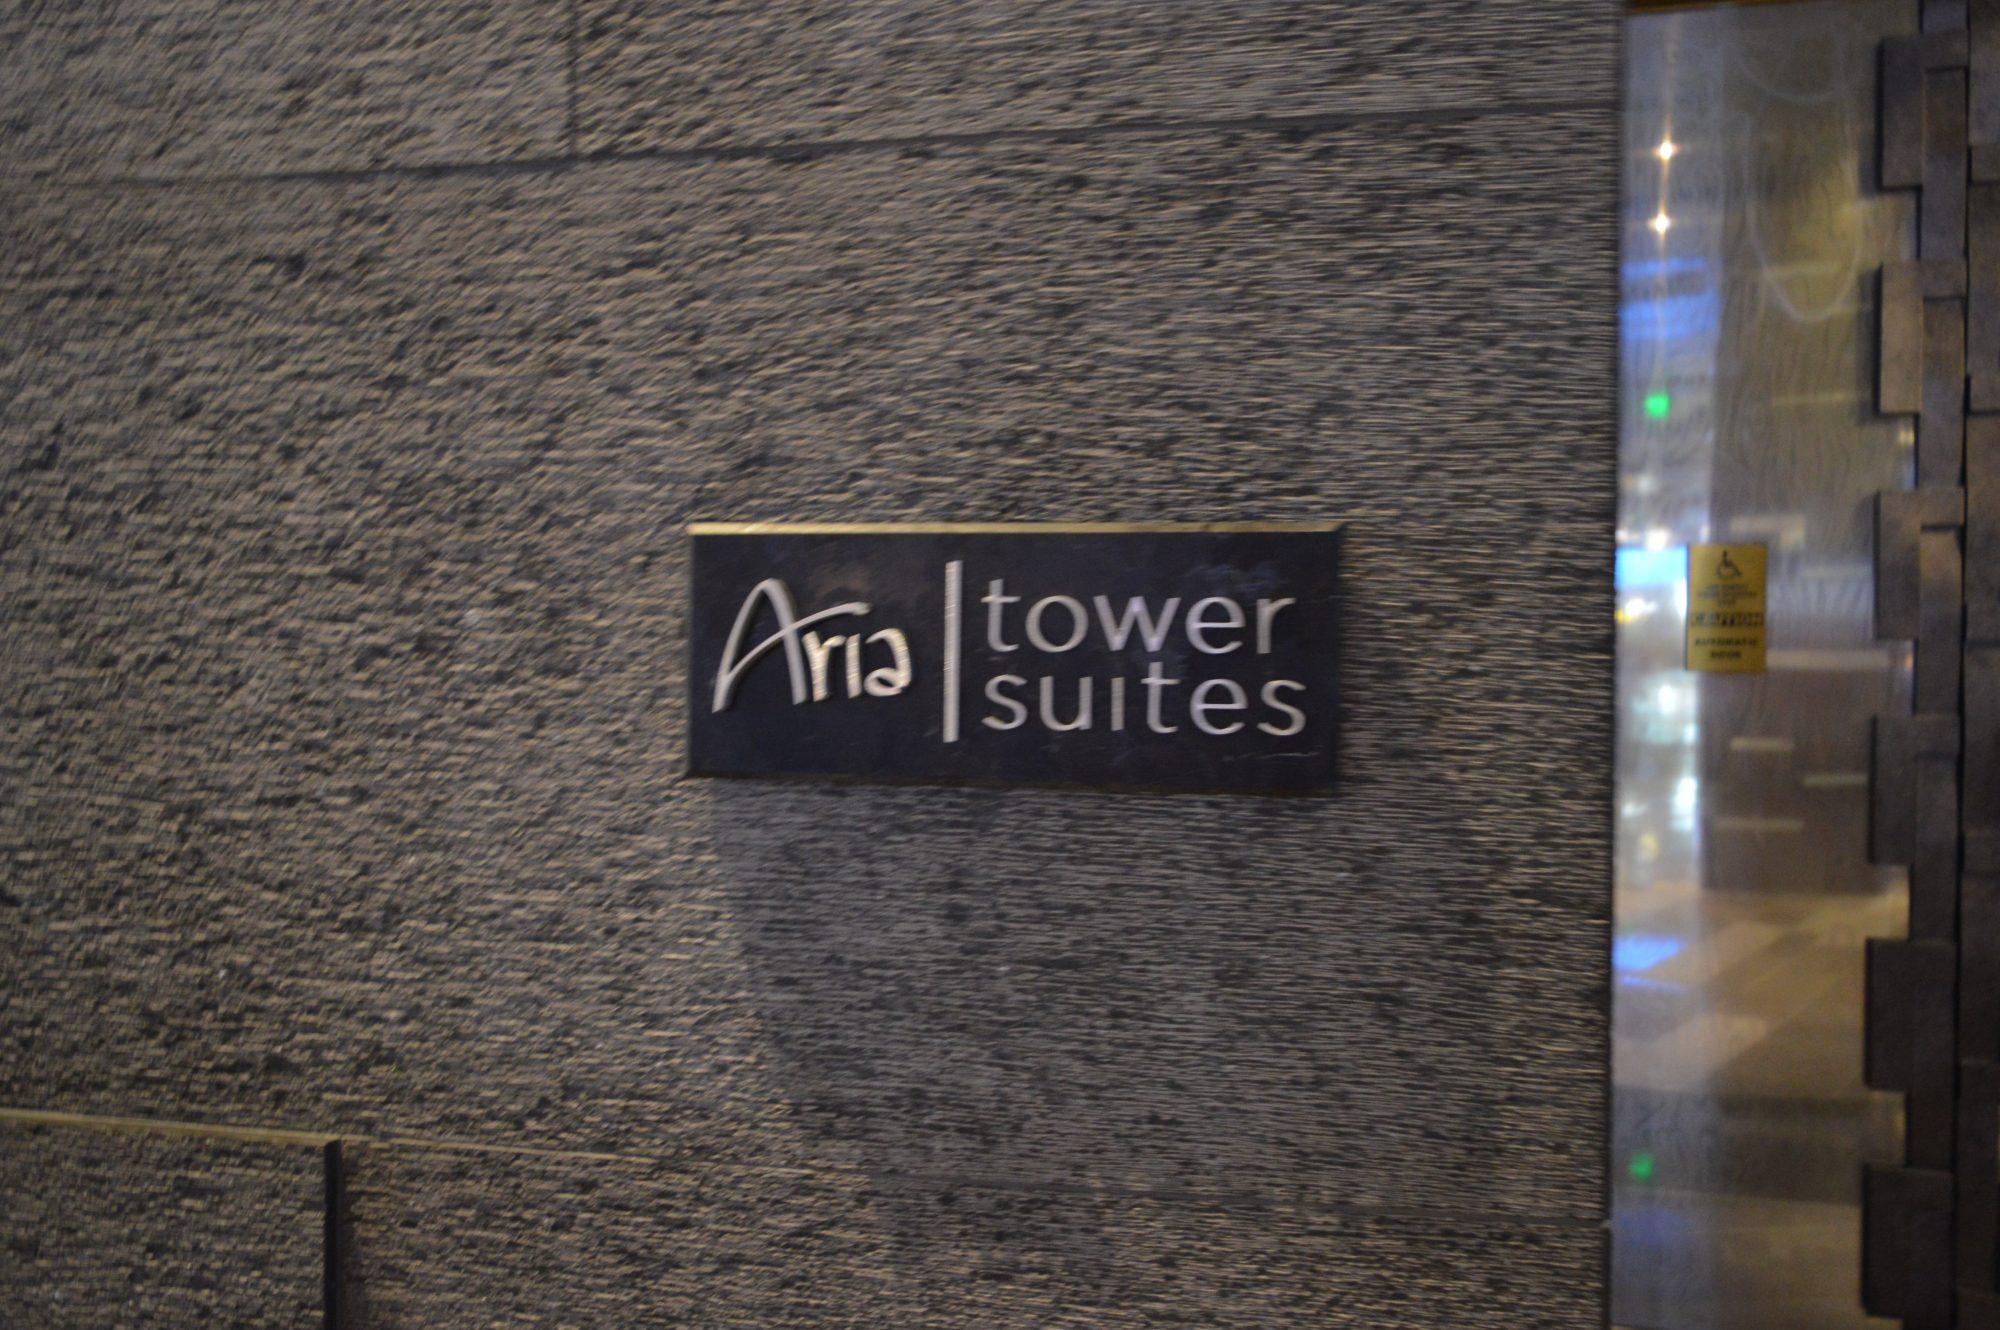 Tower Suites at Aria Las Vegas